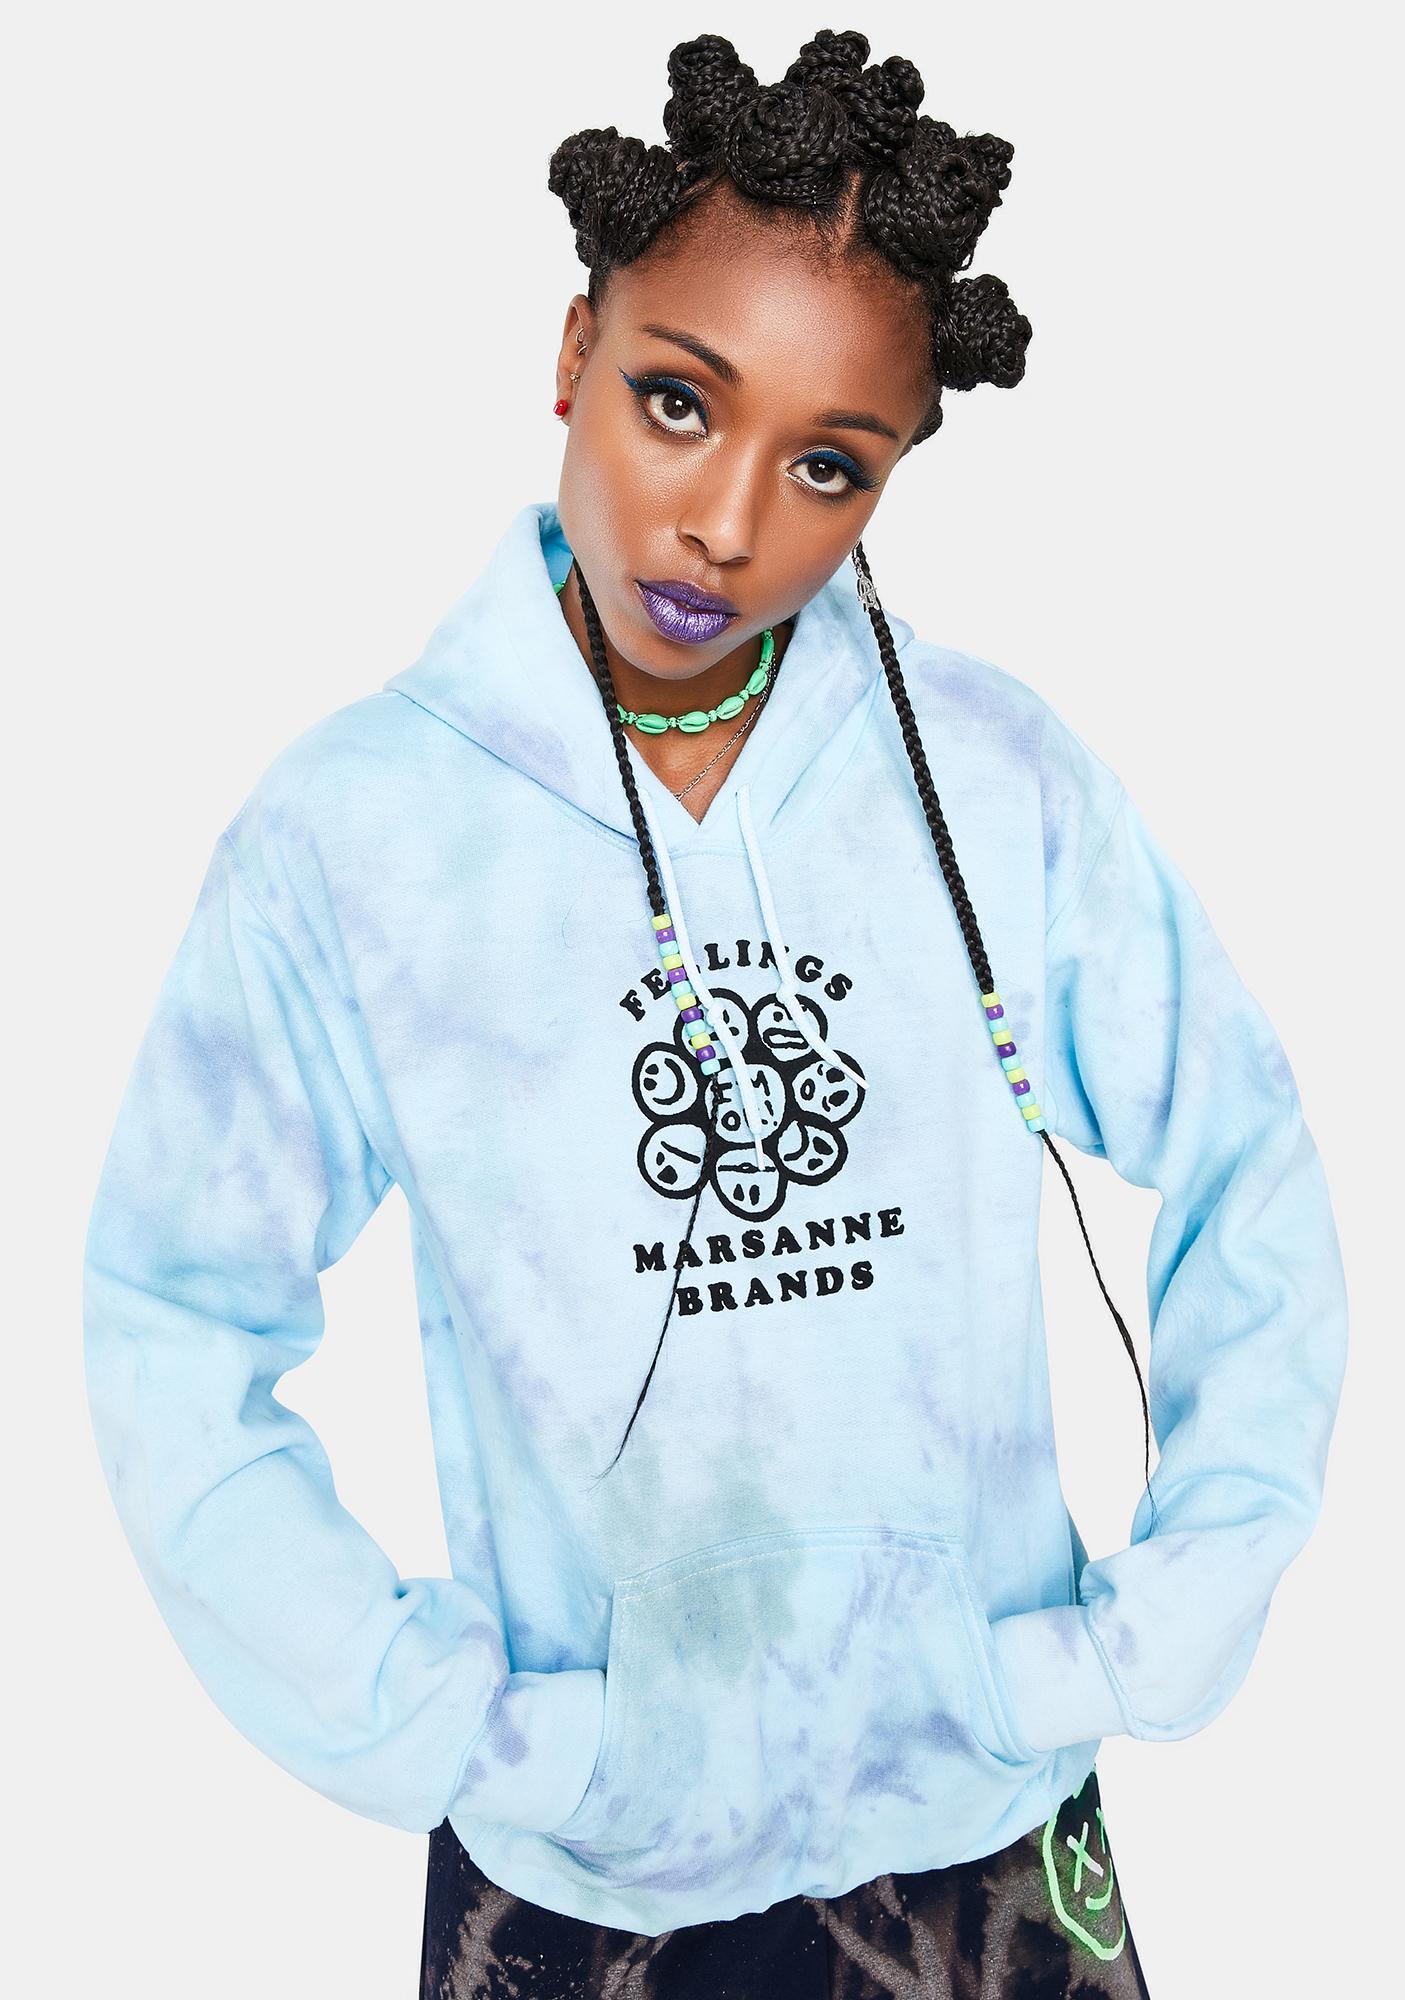 Marsanne Brands Feelings Graphic Hoodie